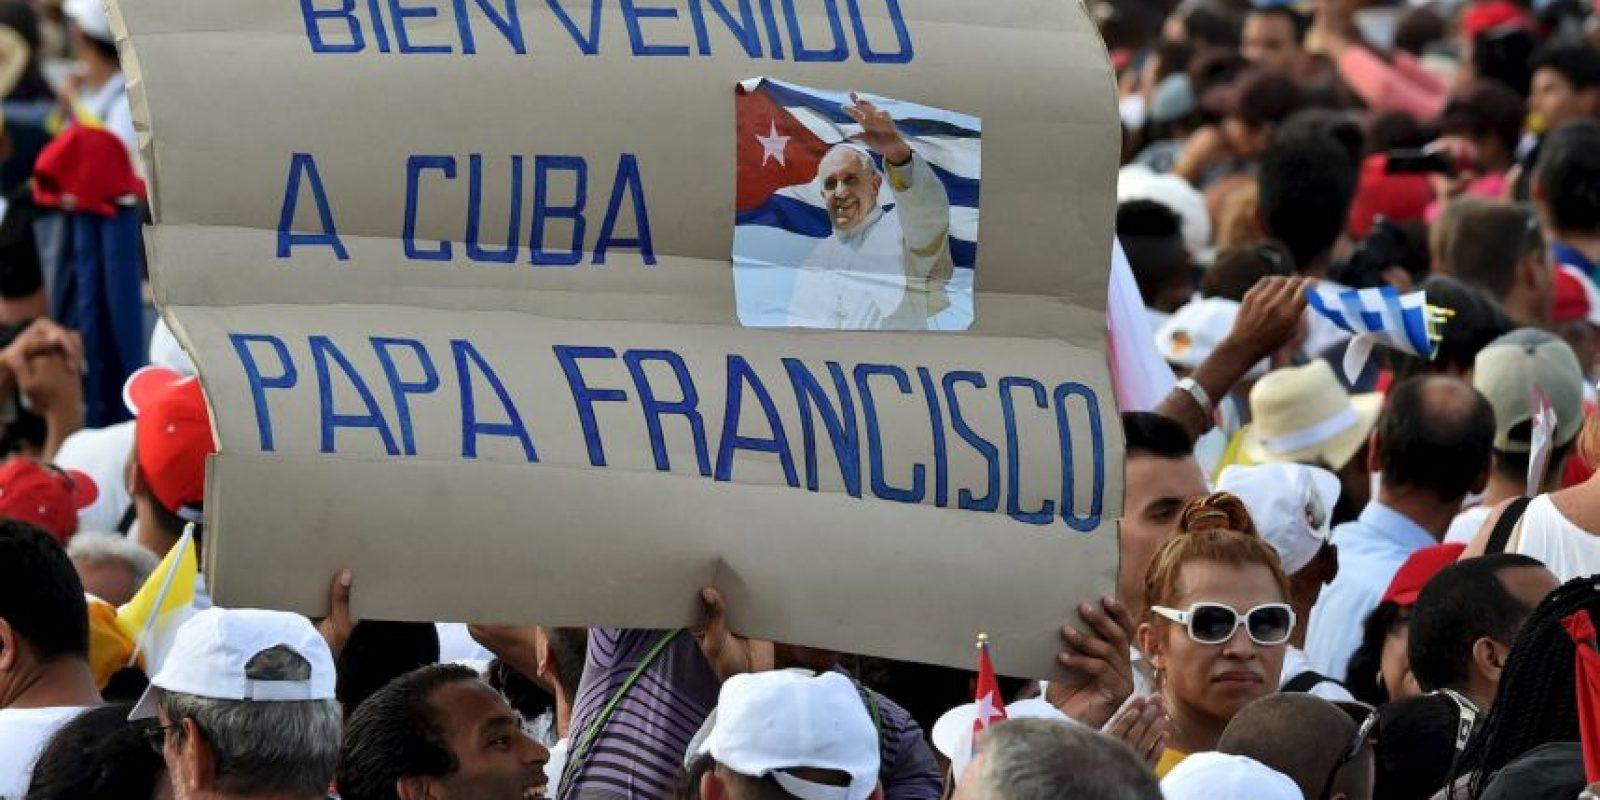 Sus predecesores Juan Pablo II y Benedicto XVI también oficiaron misa en ese lugar. Foto:AFP